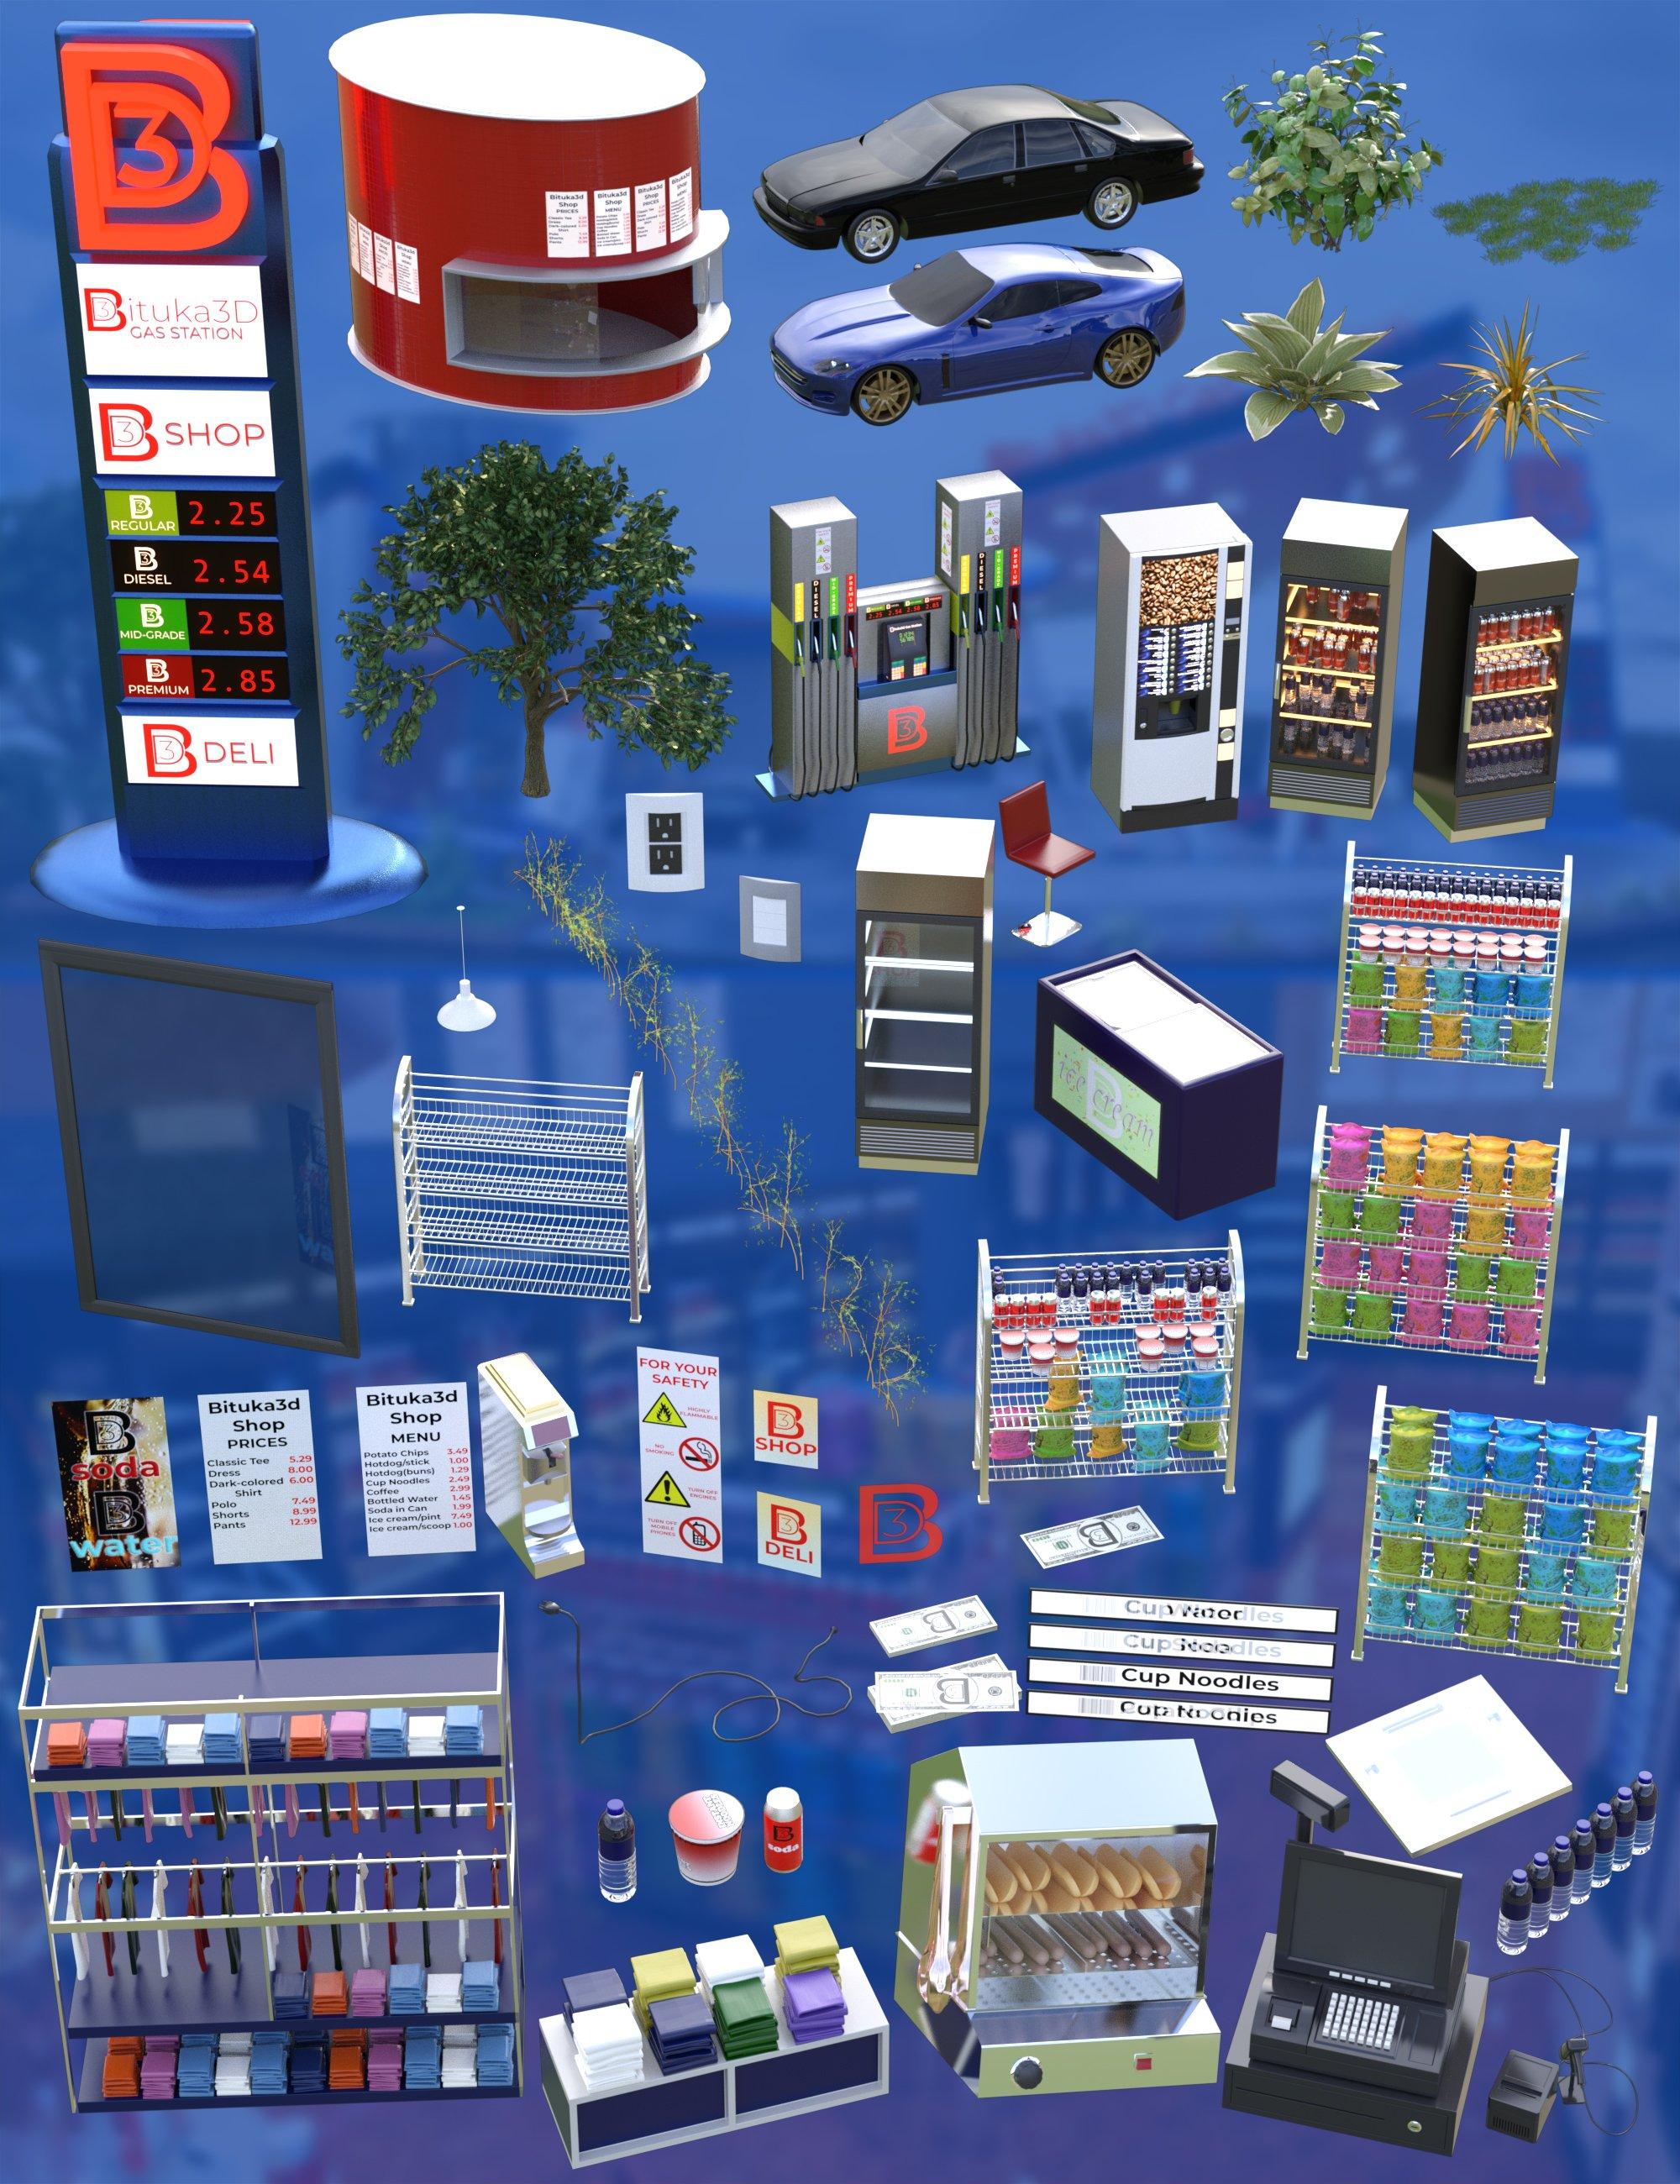 Bituka3d Gas Station Props by: bituka3d, 3D Models by Daz 3D